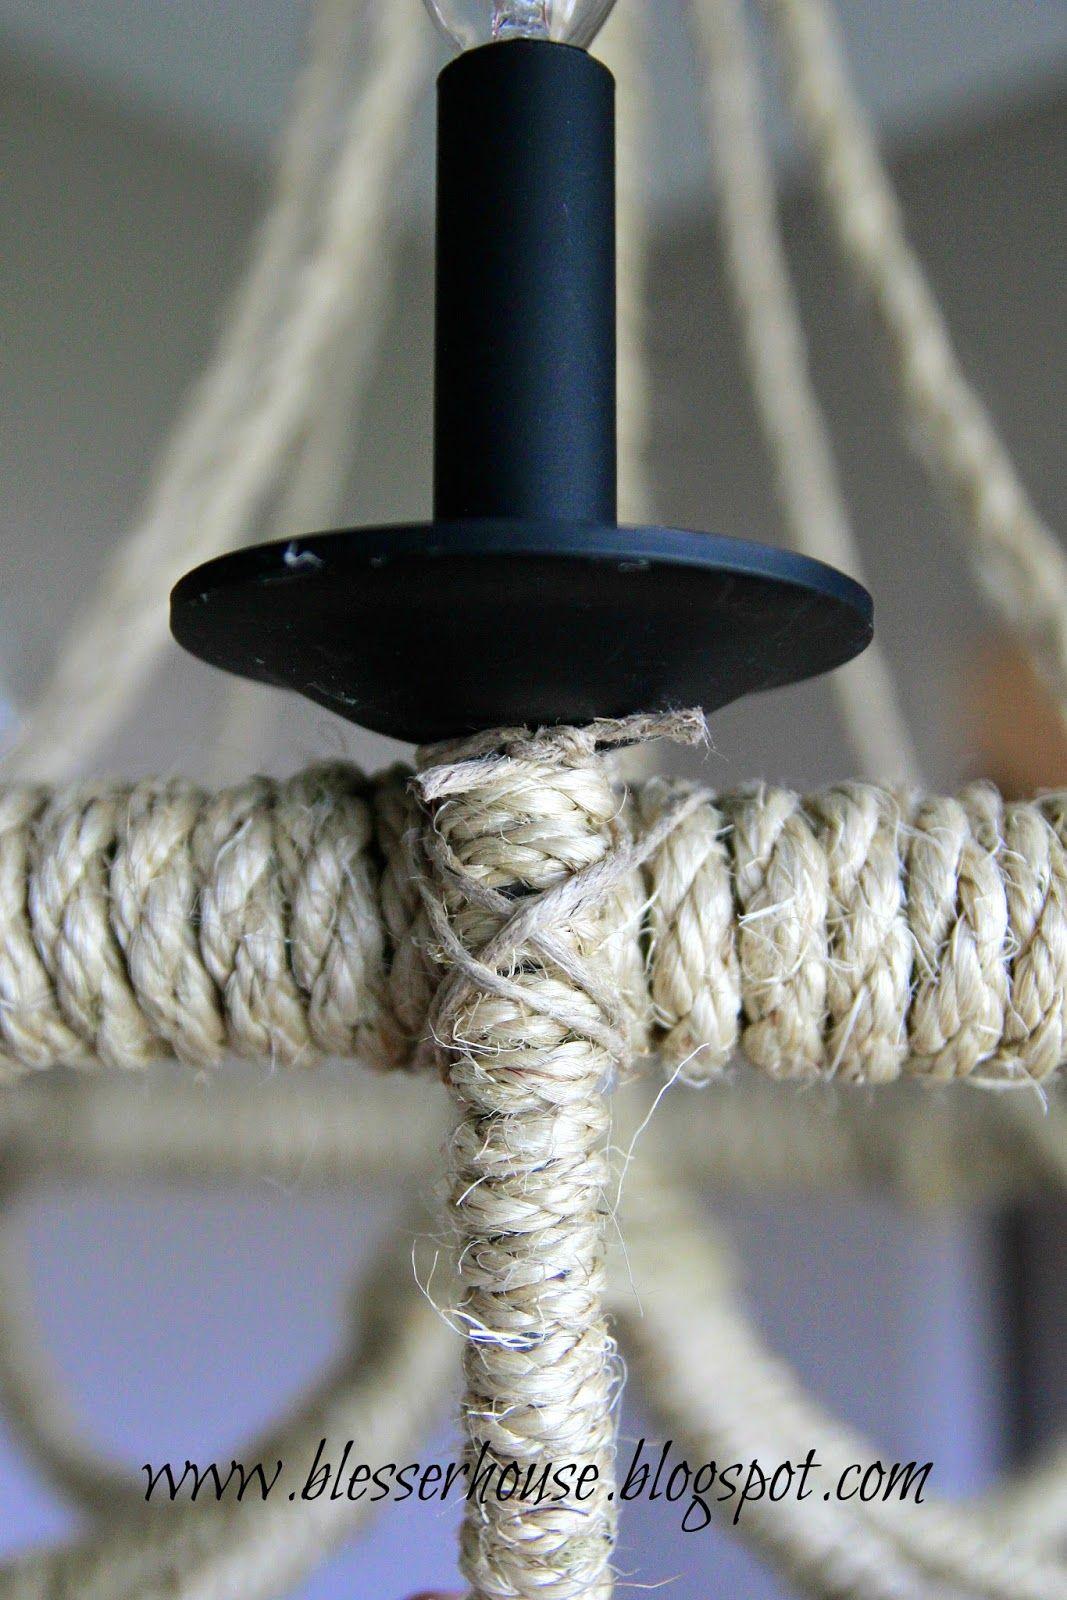 1.bp.blogspot.com -WtoYMJNS44w U8YBOpmhPDI AAAAAAAACmc VVwz3S1LbS4 s1600 rope-chandelier-3.jpg